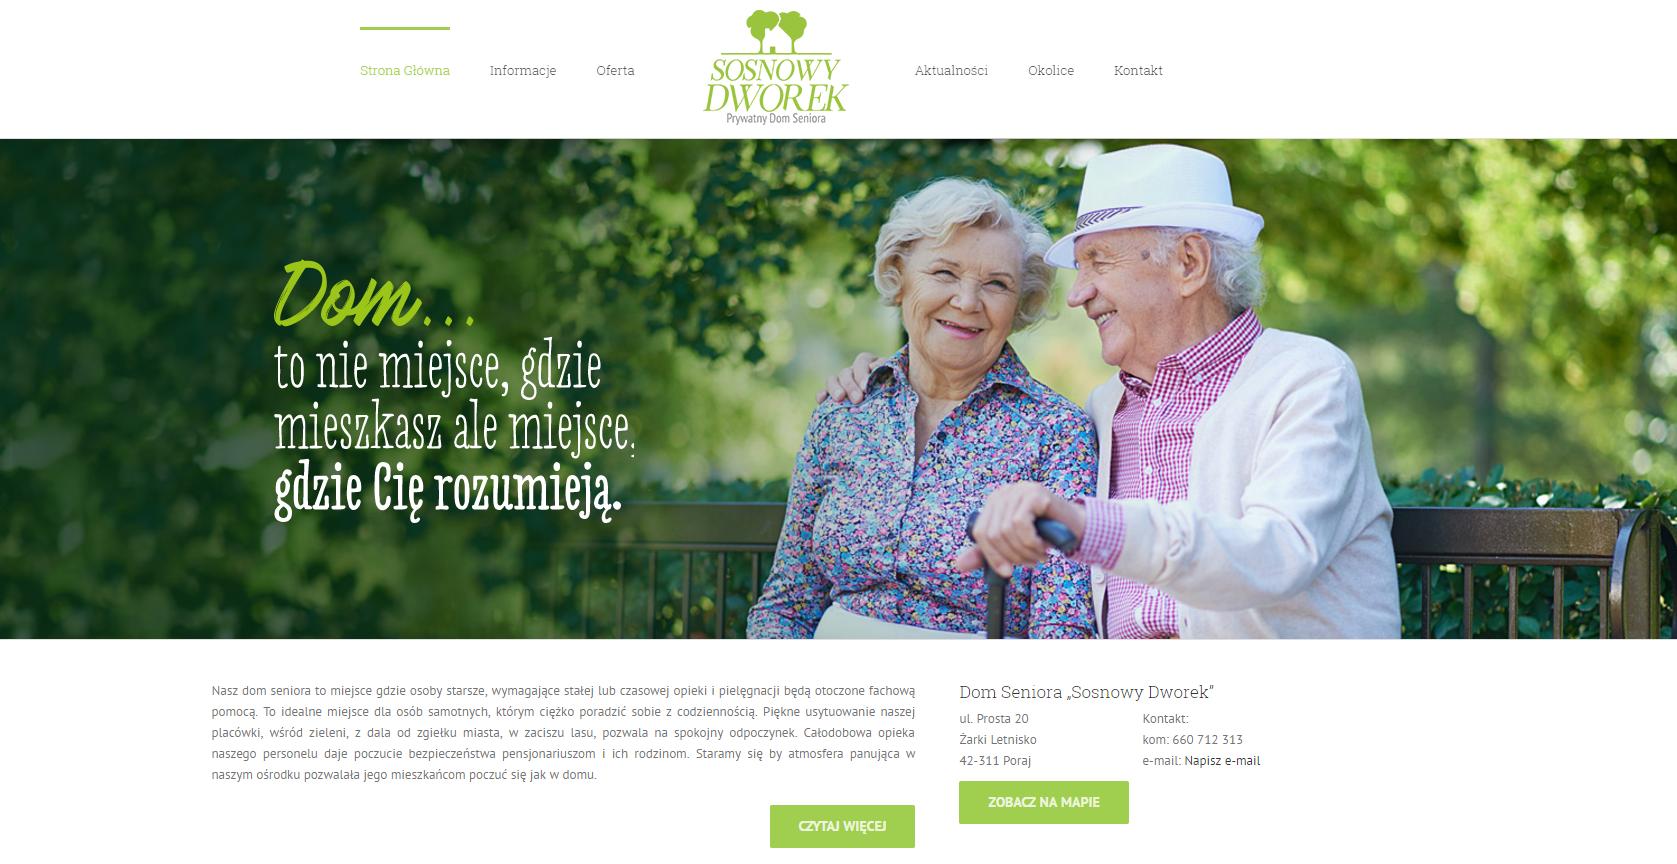 screenshot-www.domseniora-dworek.pl 2017-06-14 12-53-44